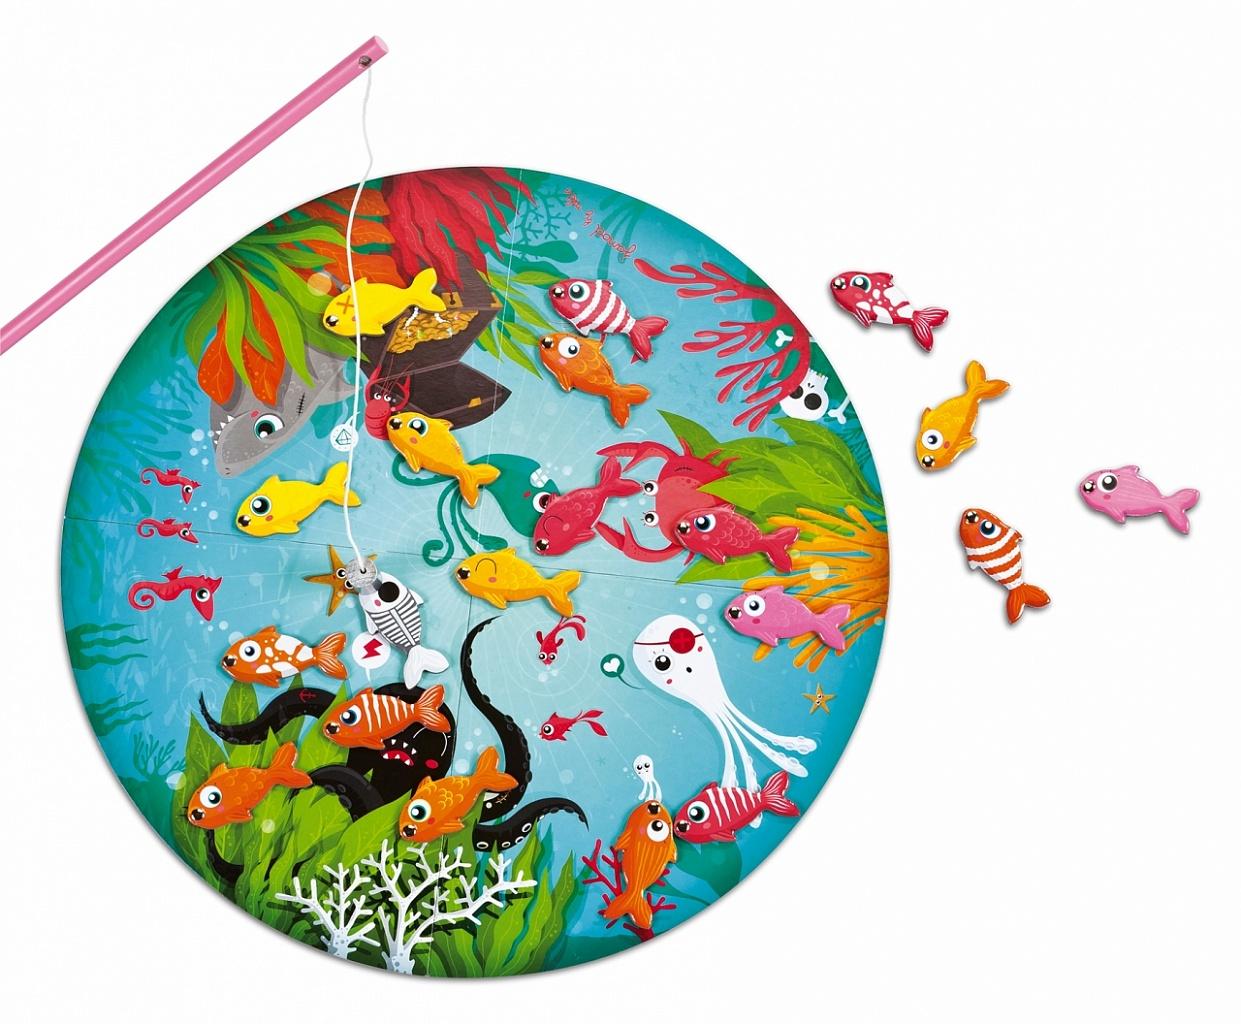 Купить Игровой набор JANOD J02932 Рыбалка, Дерево, Картон, магнитные элементы, Для мальчиков и девочек, Настольные игры